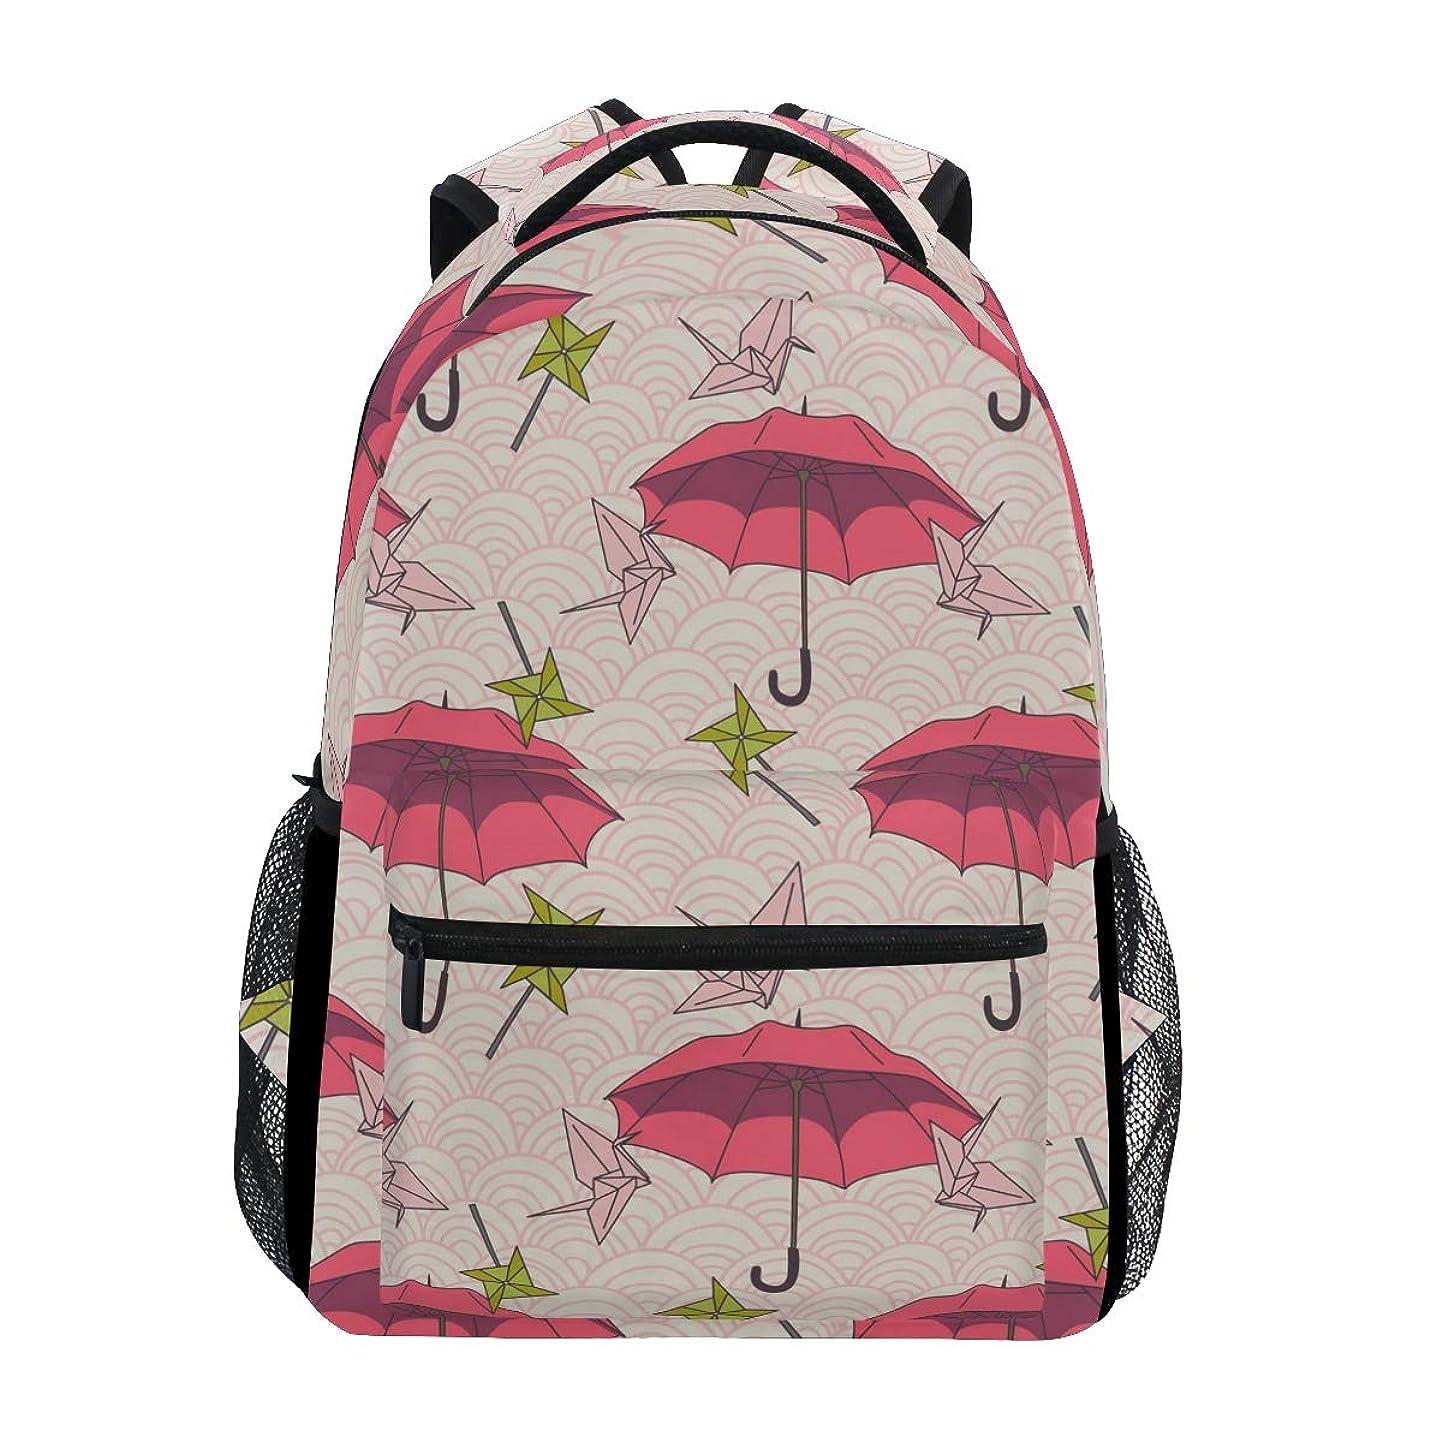 引き出す冗談で格納GORIRA(ゴリラ)リュックサック 高校生 可愛い 大容量 キッズ 通学 和傘 図案 和柄 リュック レディース おしゃれ 大人 防水 キャンバス 男女兼用 旅行バッグパック